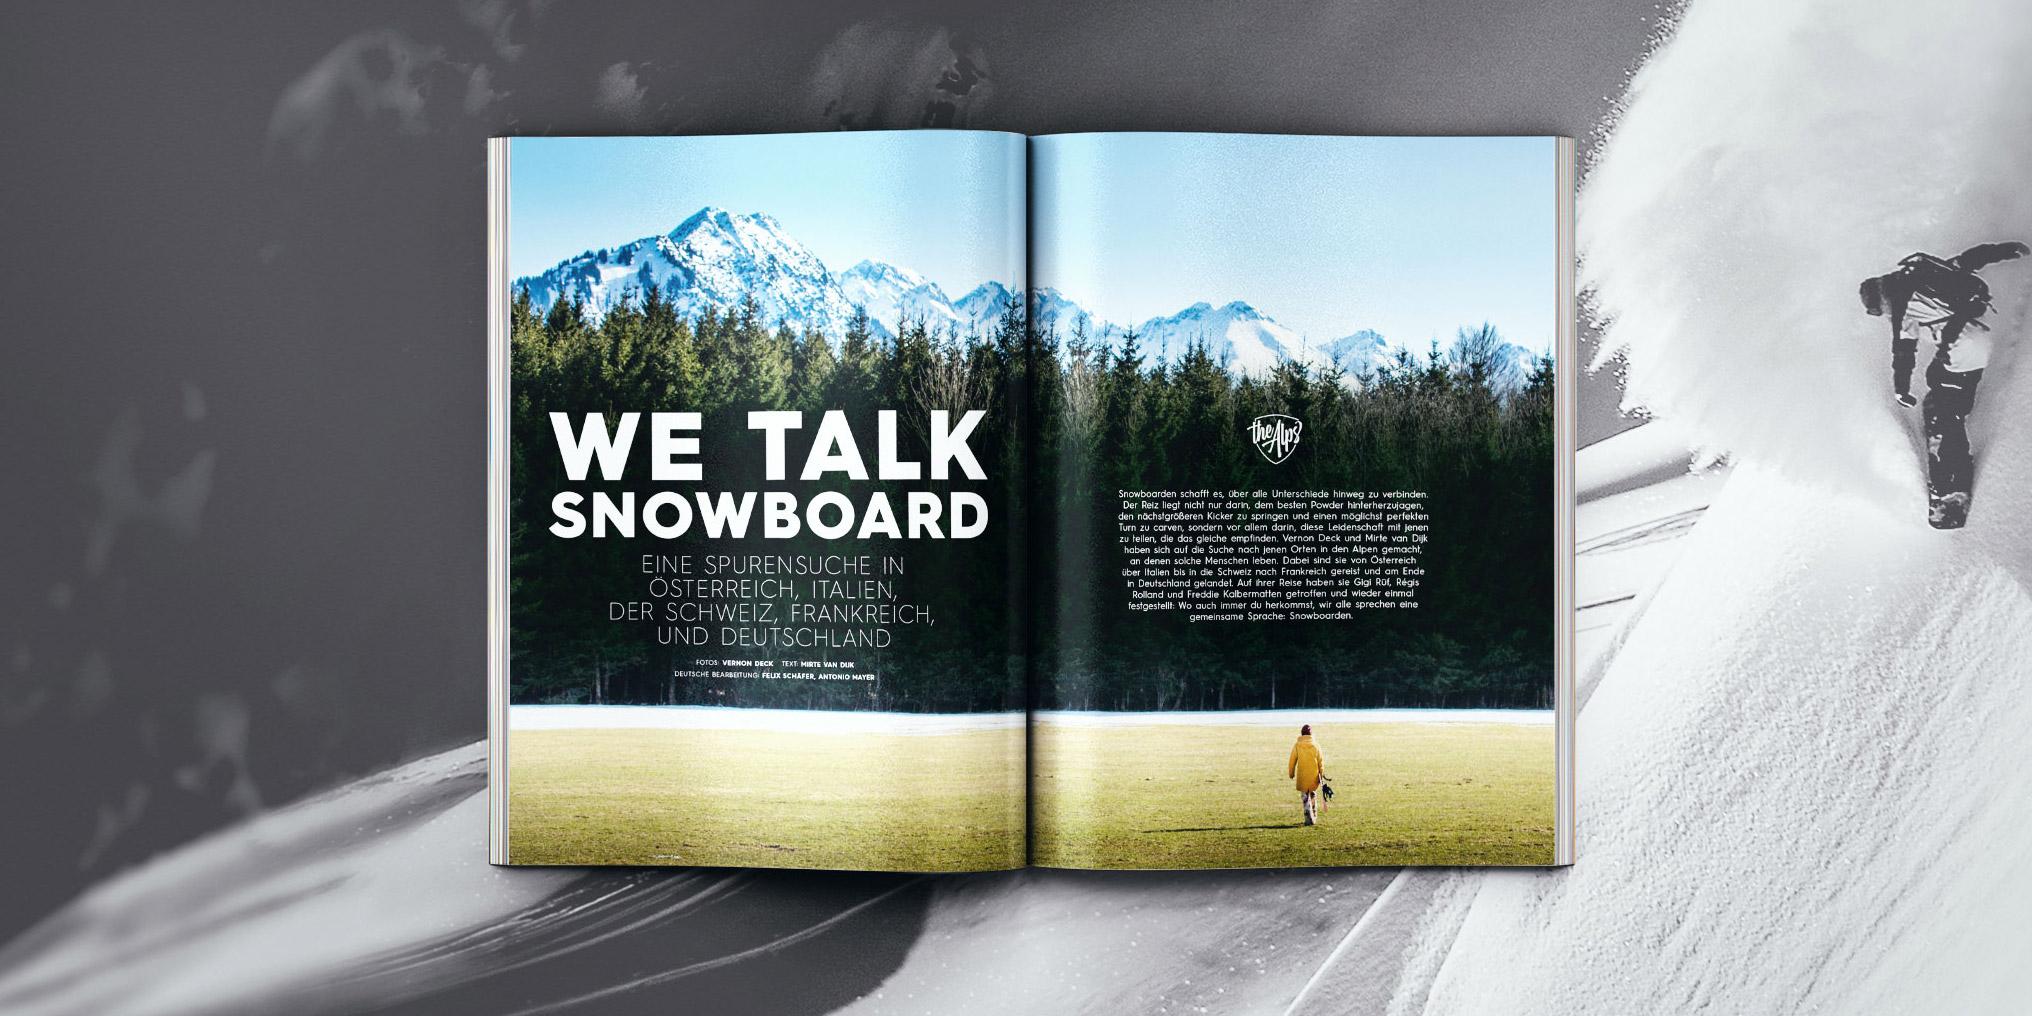 Vernon Deck und Mirte van Dijk auf einer Reise durch die Alpen